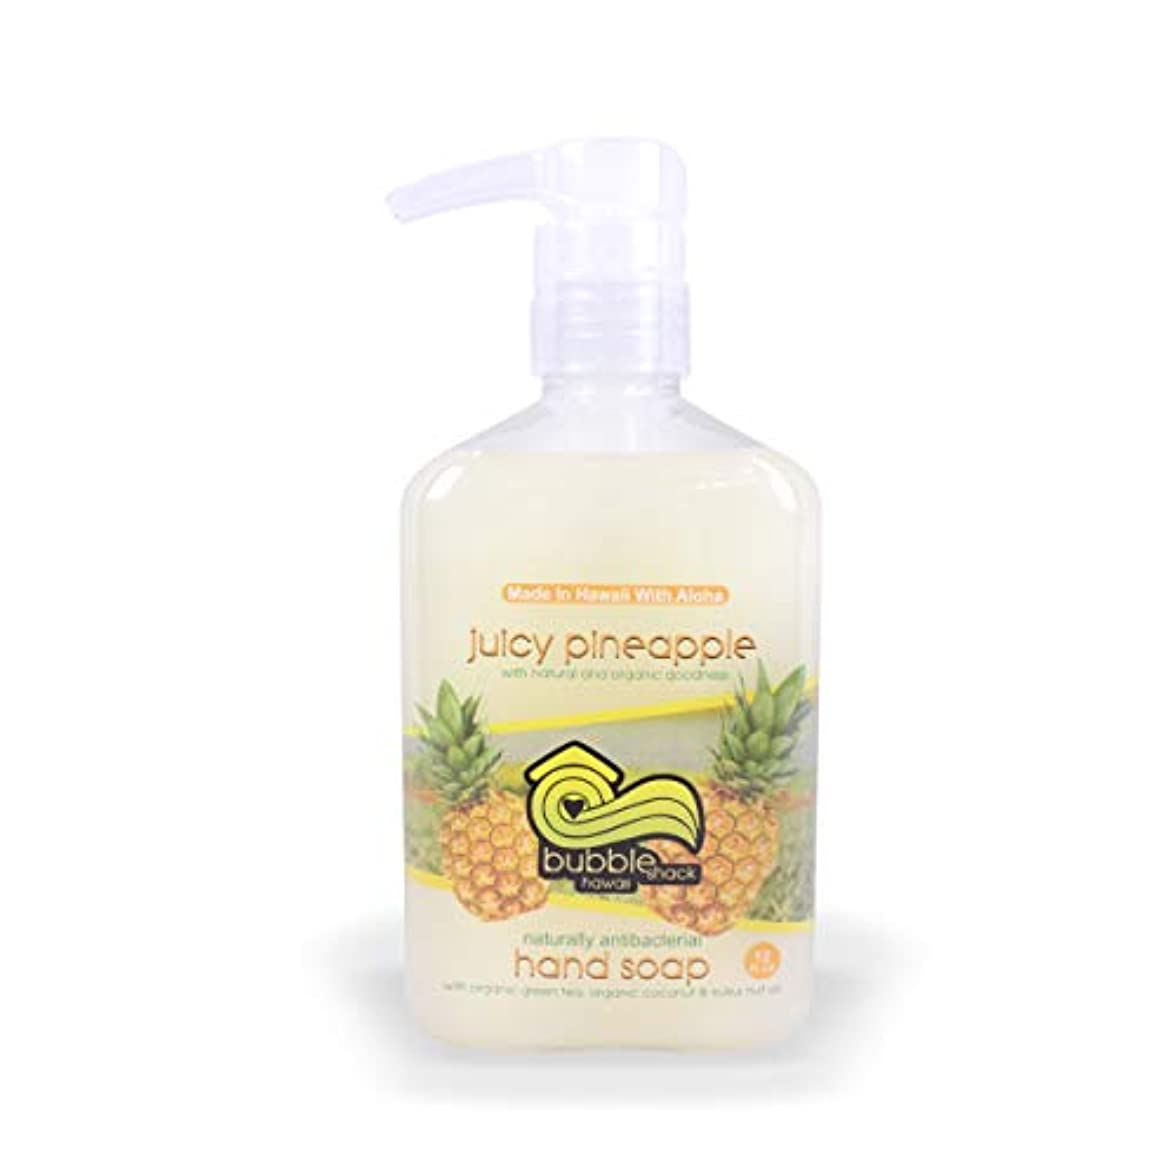 芽休戦ドーム【正規輸入品】 バブルシャック?ハワイ Bubble shack Hand Soap ハンドソープ juicy pineapple ジューシーパイナップル 340ml